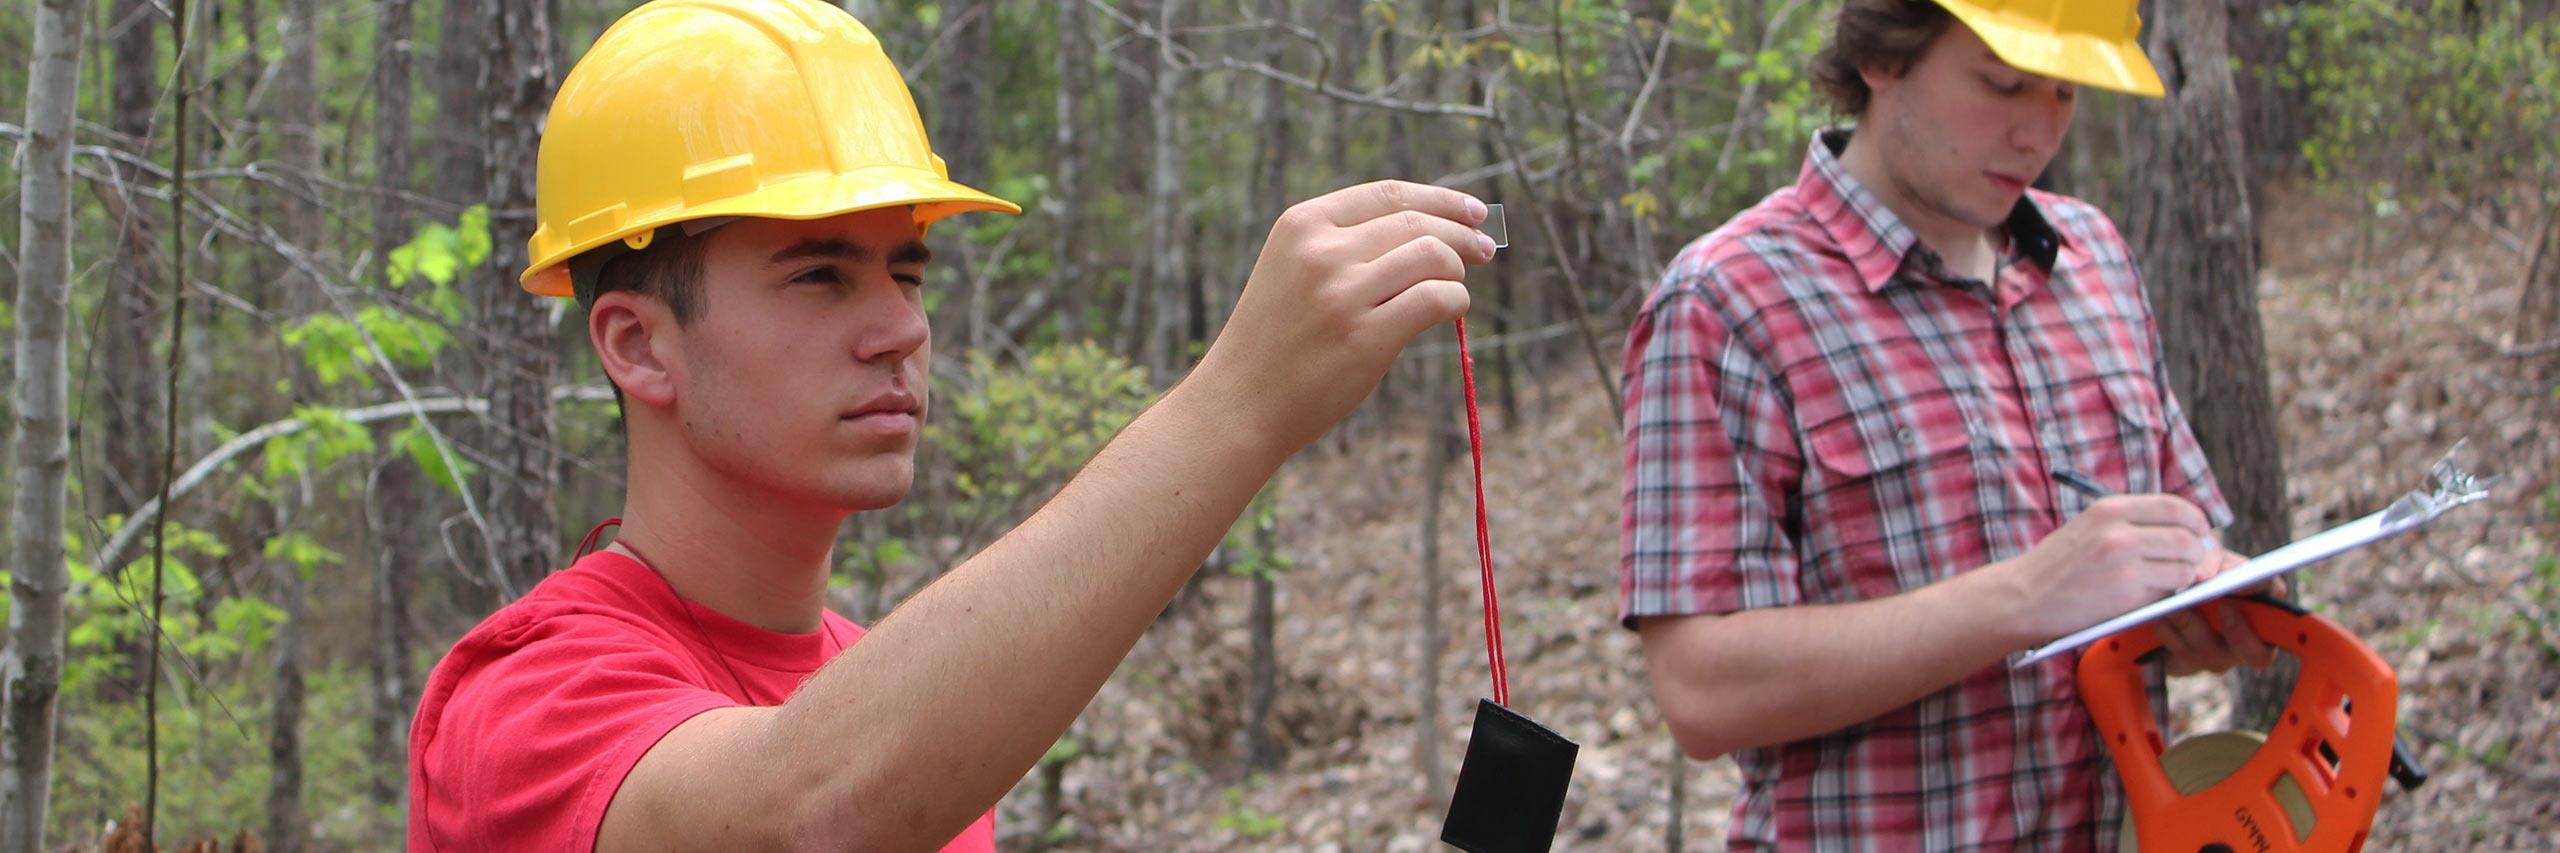 Об утверждении Требований к составу и к содержанию проектной документации лесного участка, порядка ее подготовки